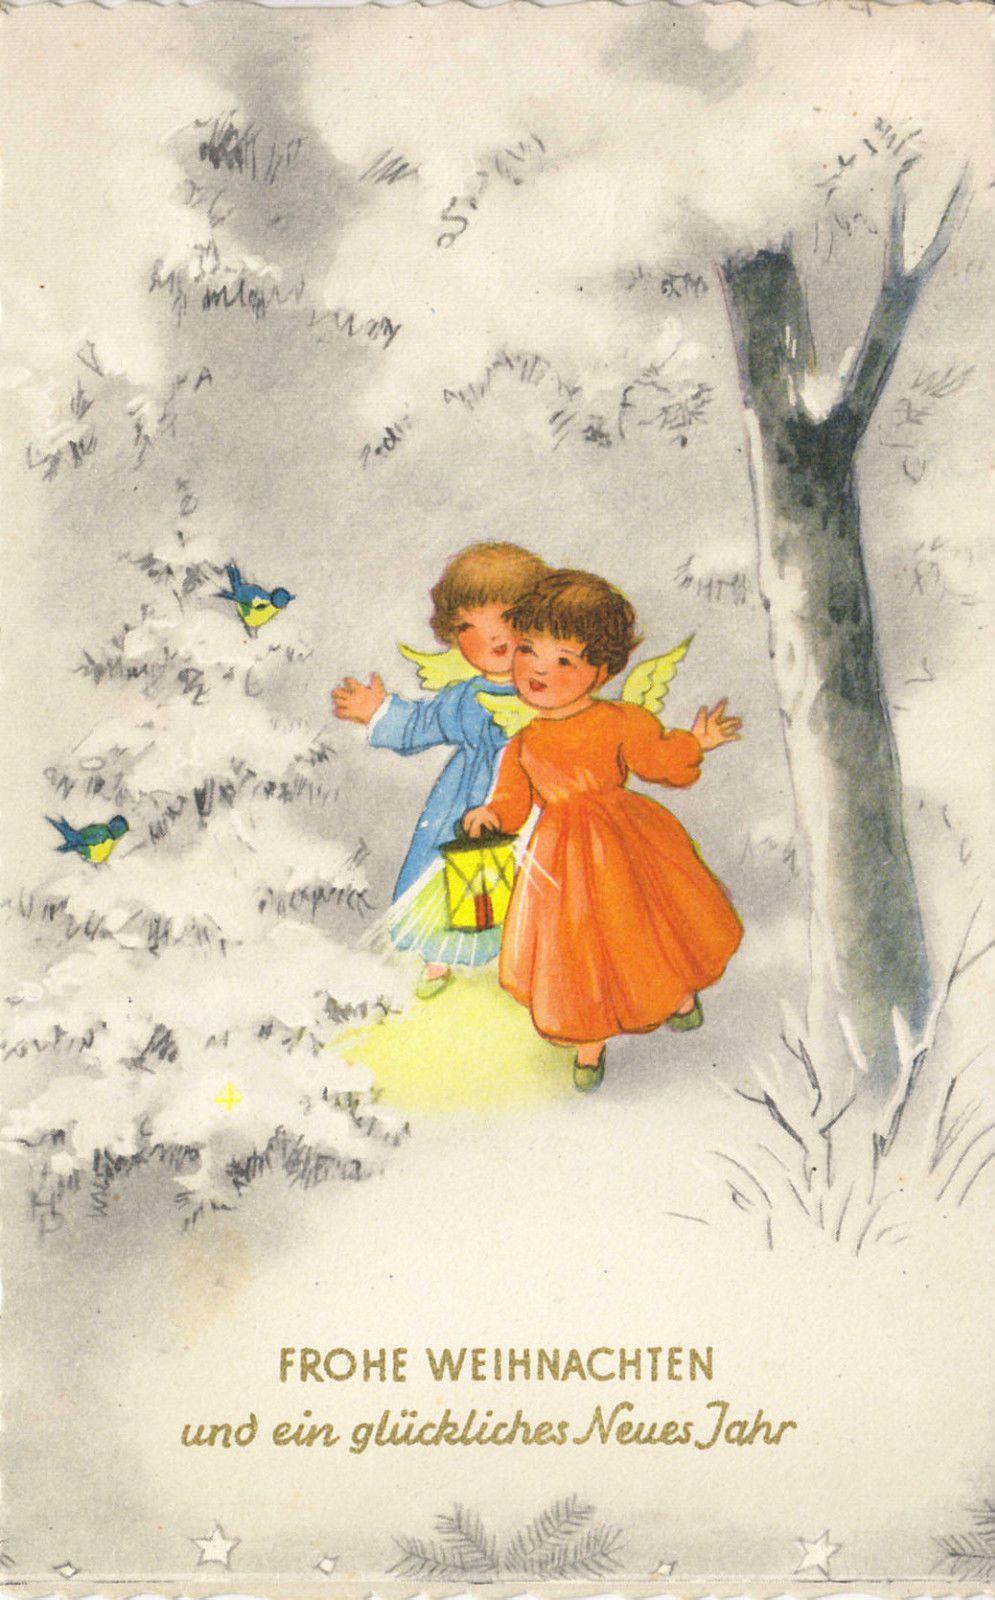 Weihnachten 2 Engel Mit Laterne 1964 Ebay Happy Holidays